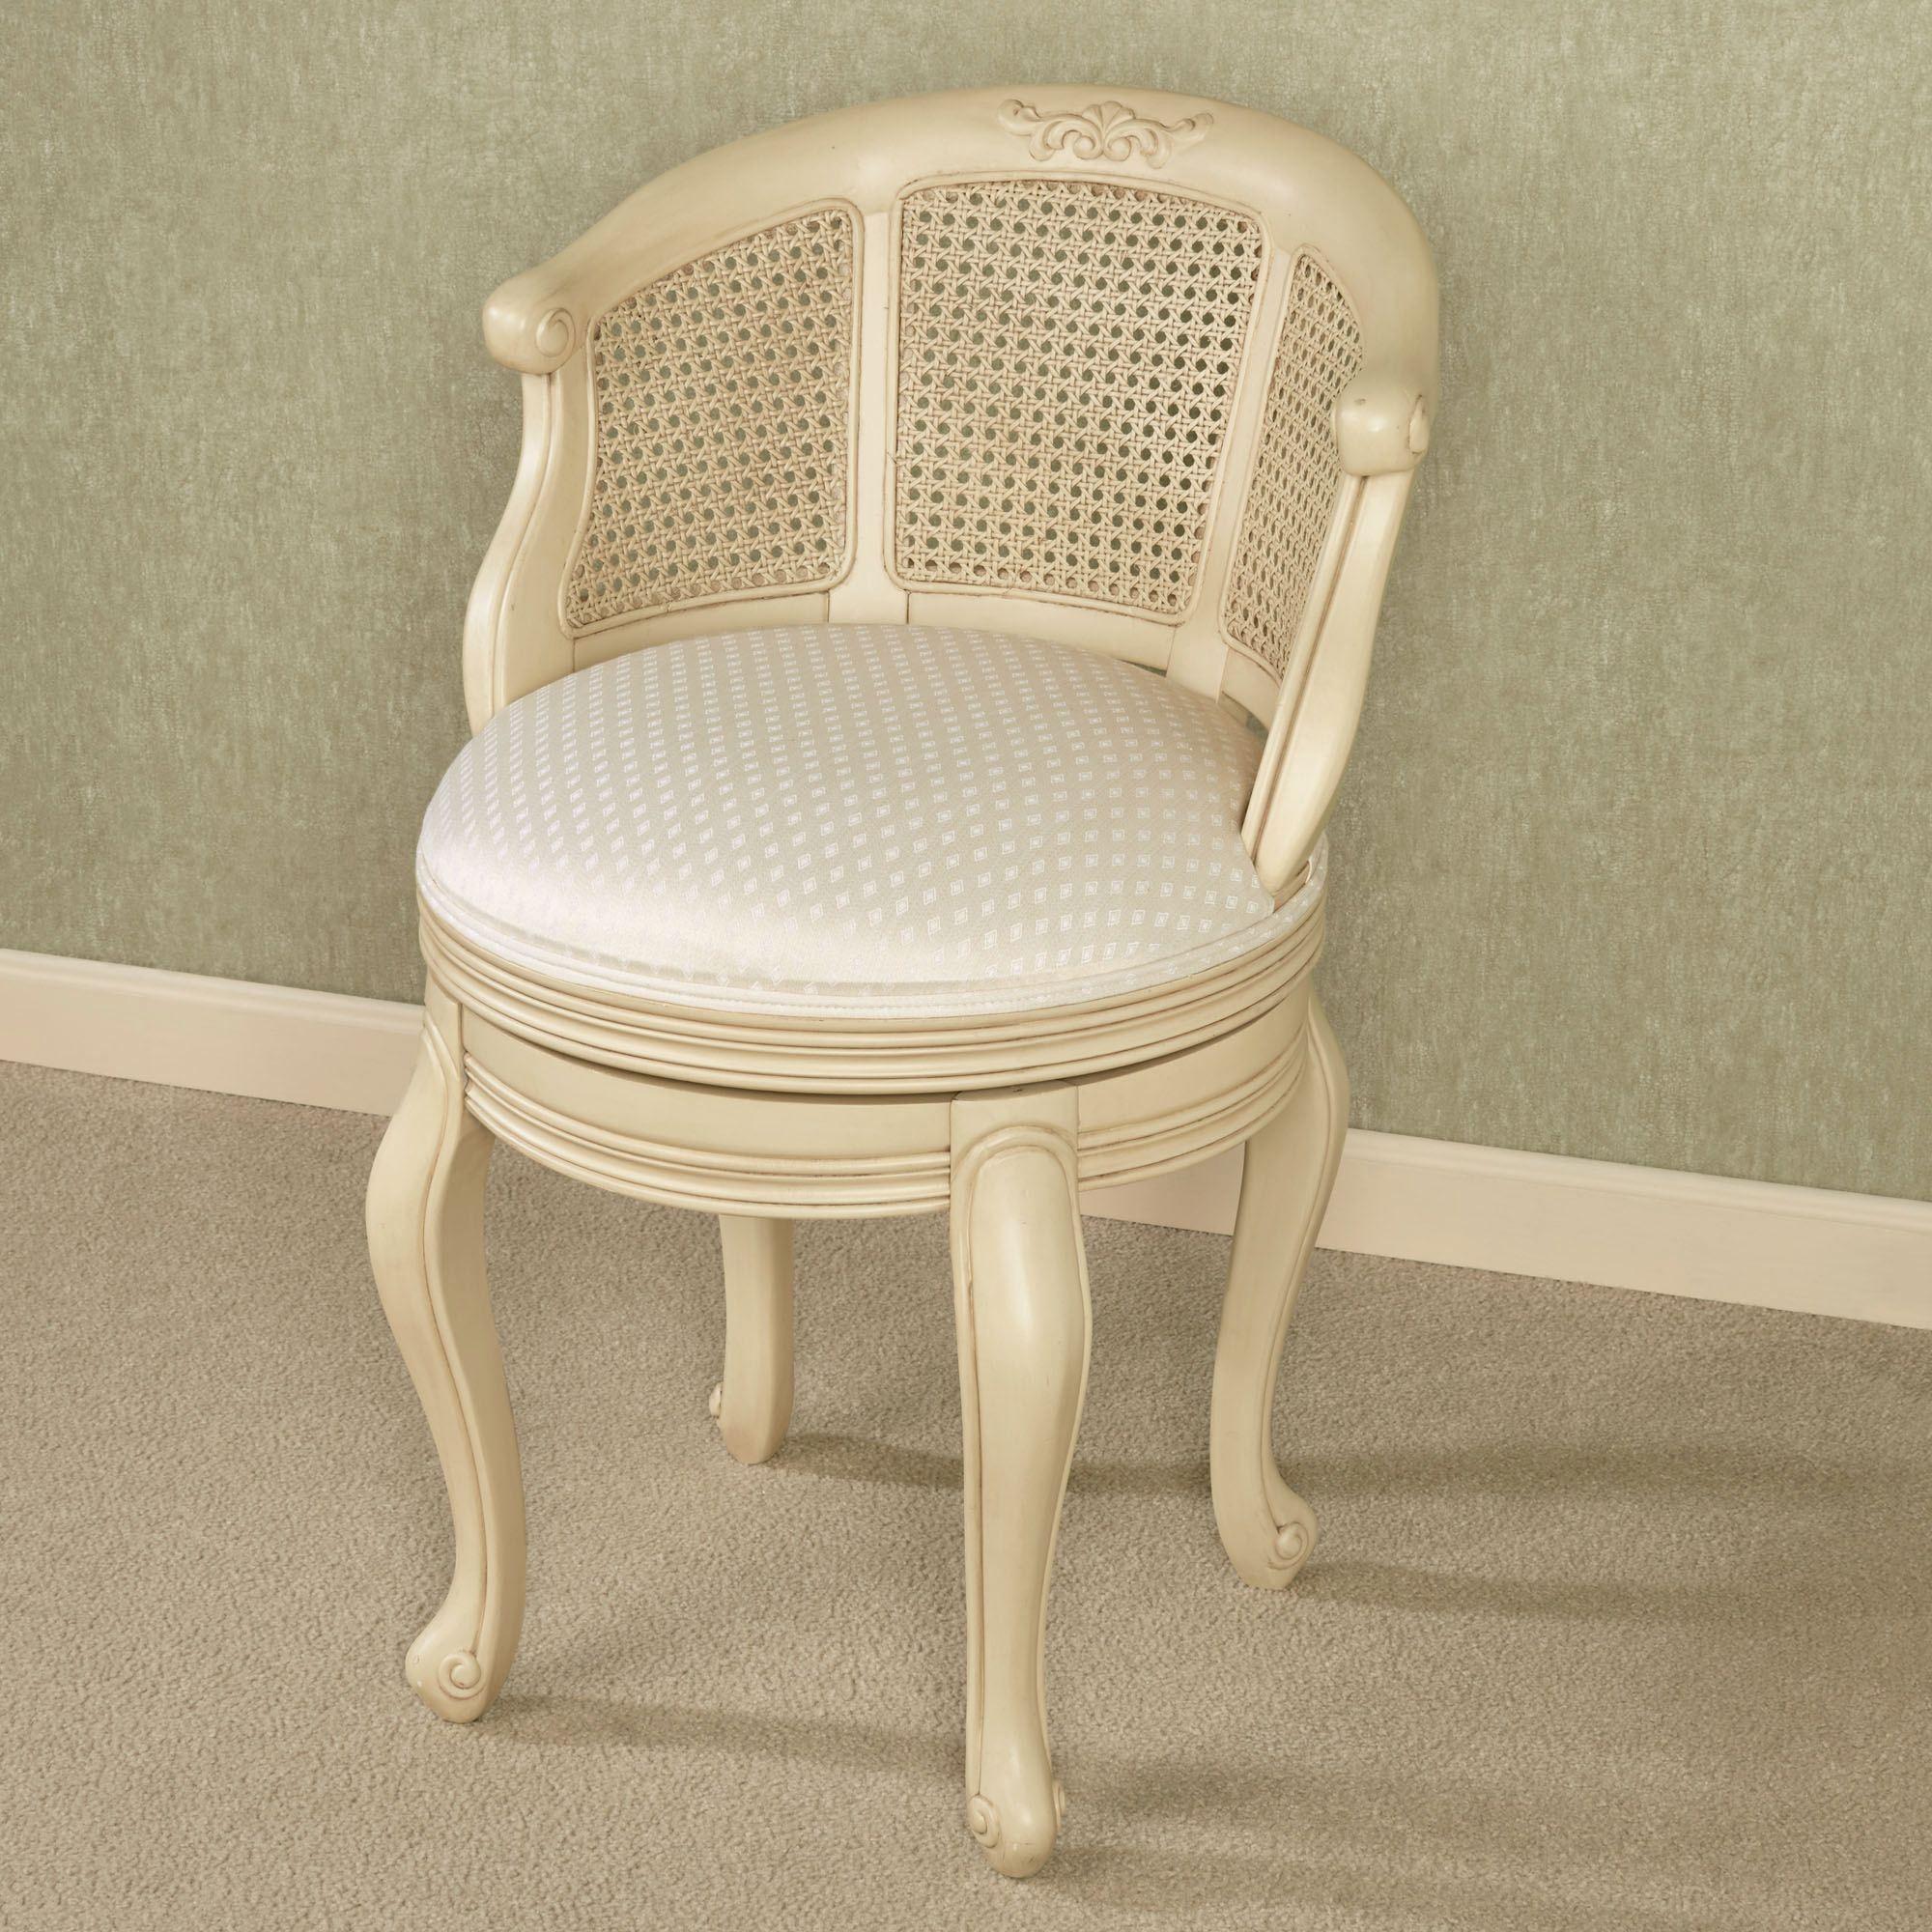 Belhurst Natural Cherry Swivel Vanity Chair Upholstered